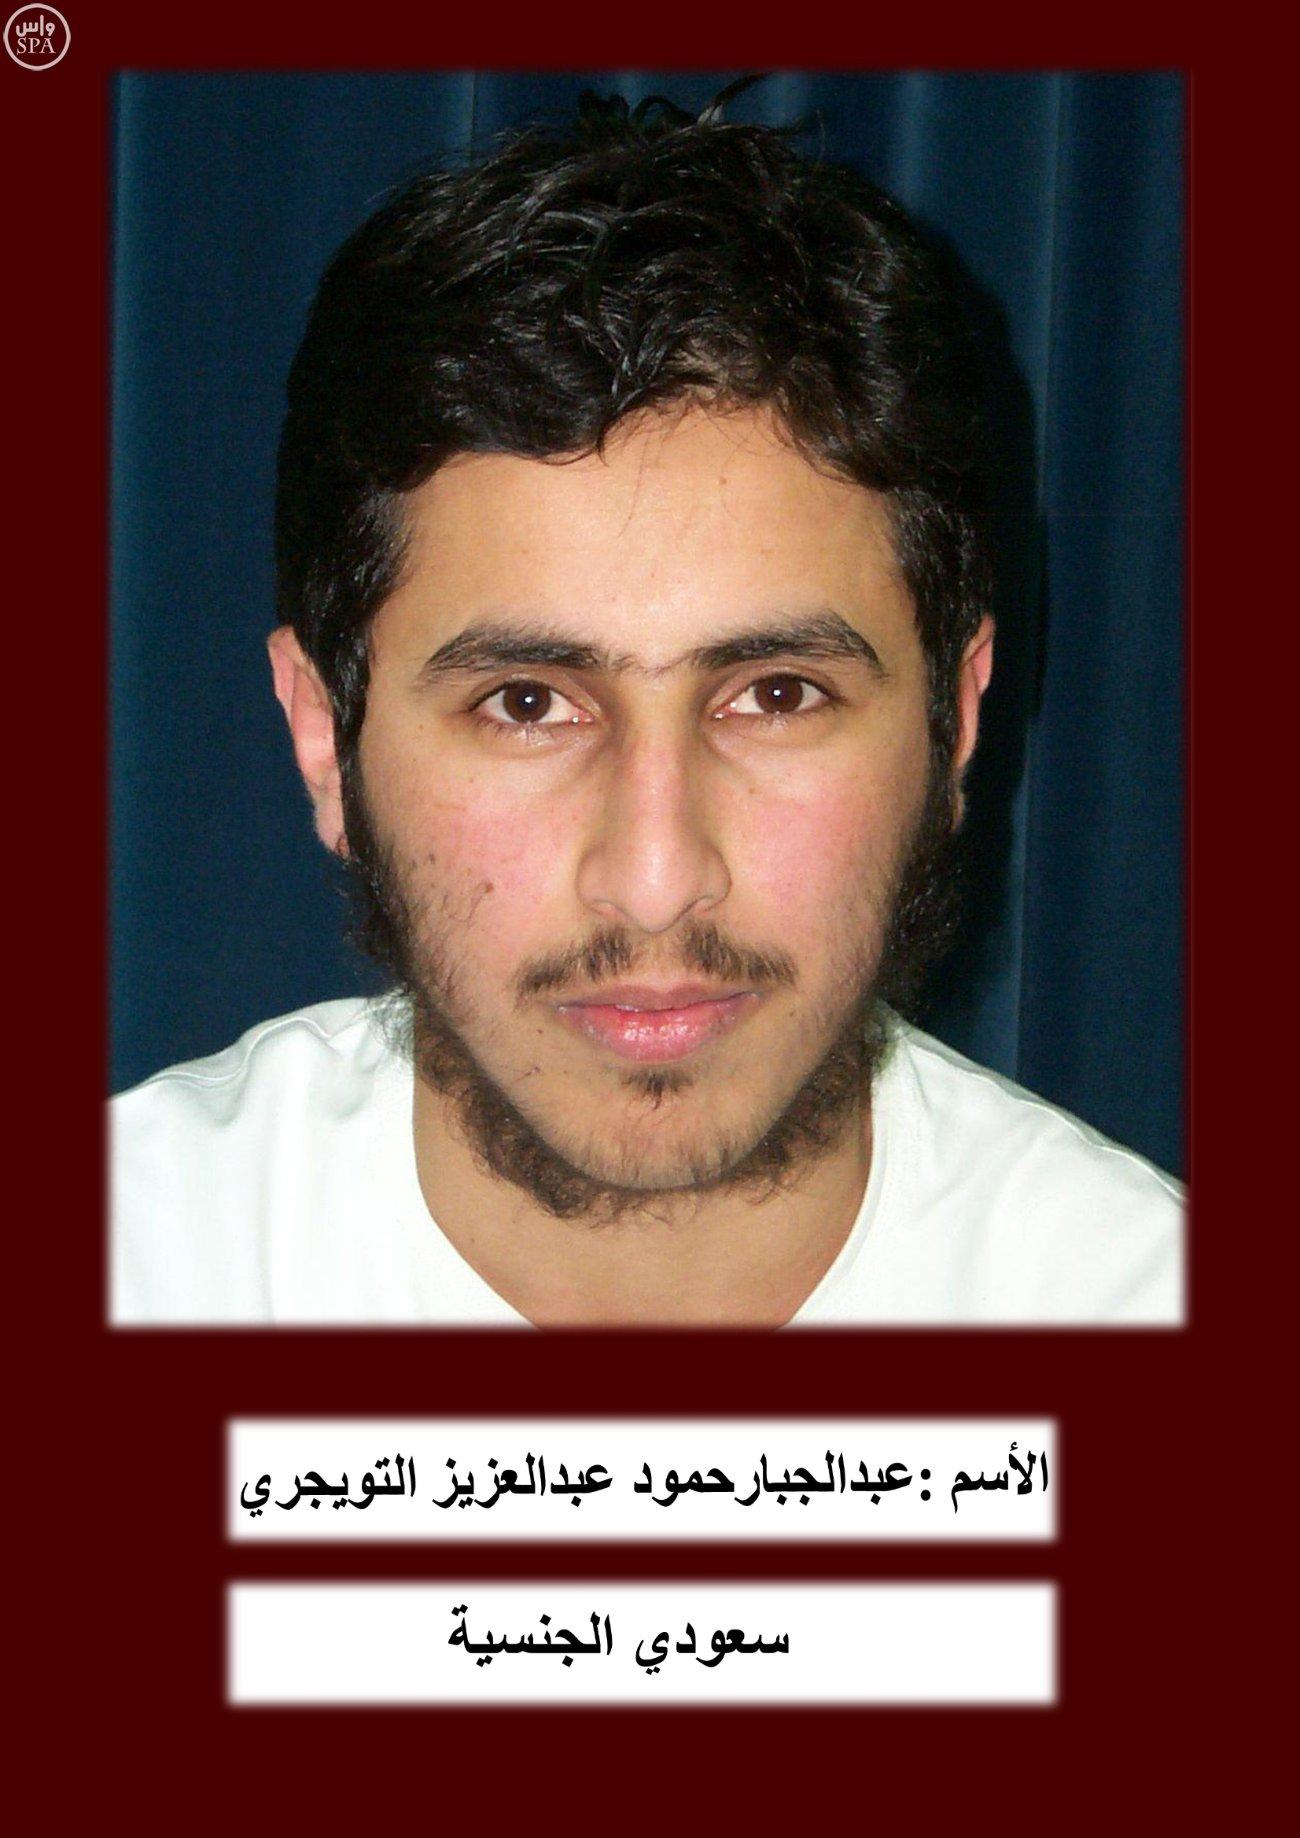 ارهابيين (1)